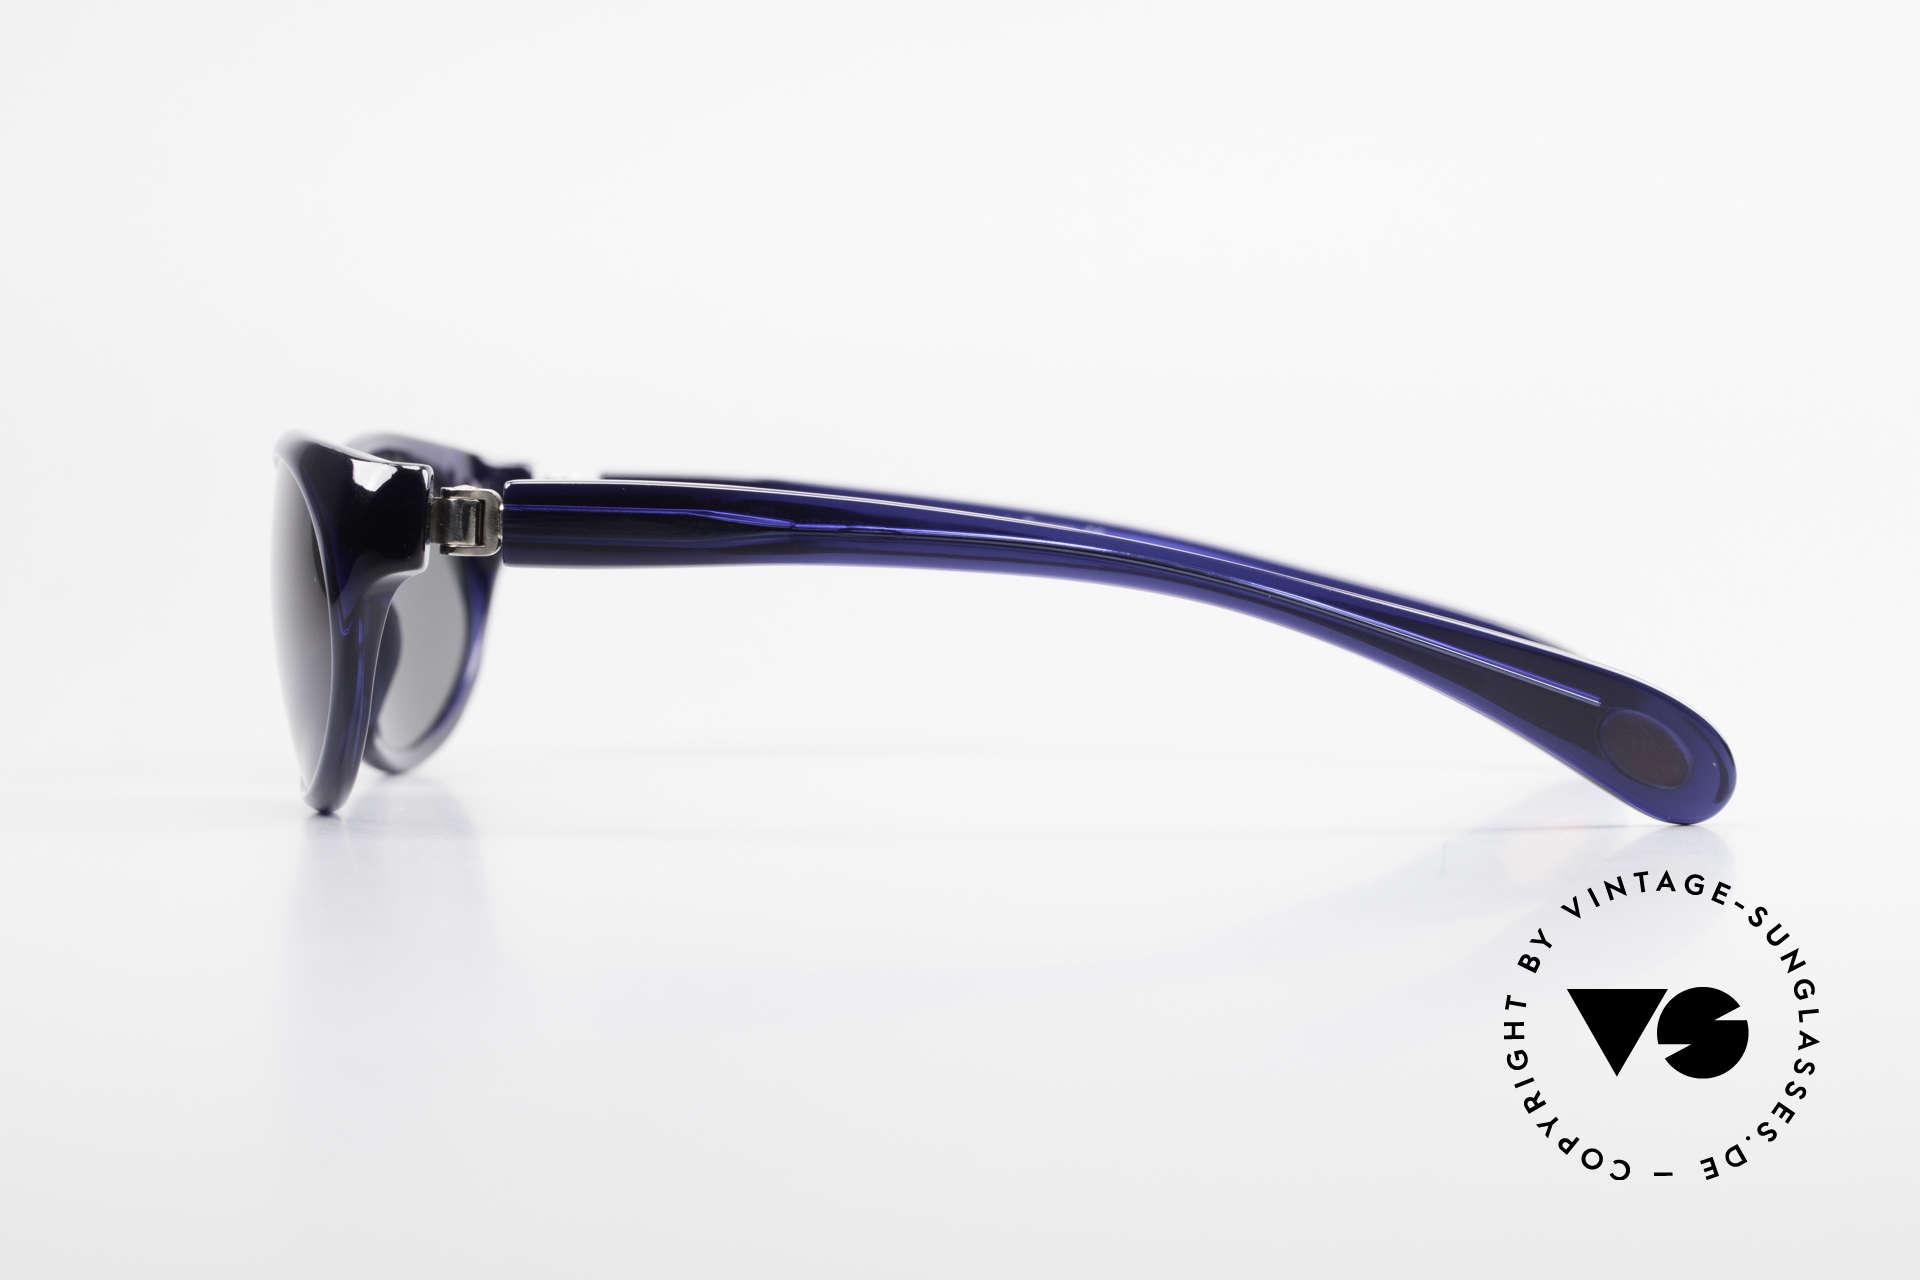 Bugatti 328 Odotype Designer Vintage Sonnenbrille, sehr spezielle Glaseinfassung & Top Komfort, Passend für Herren